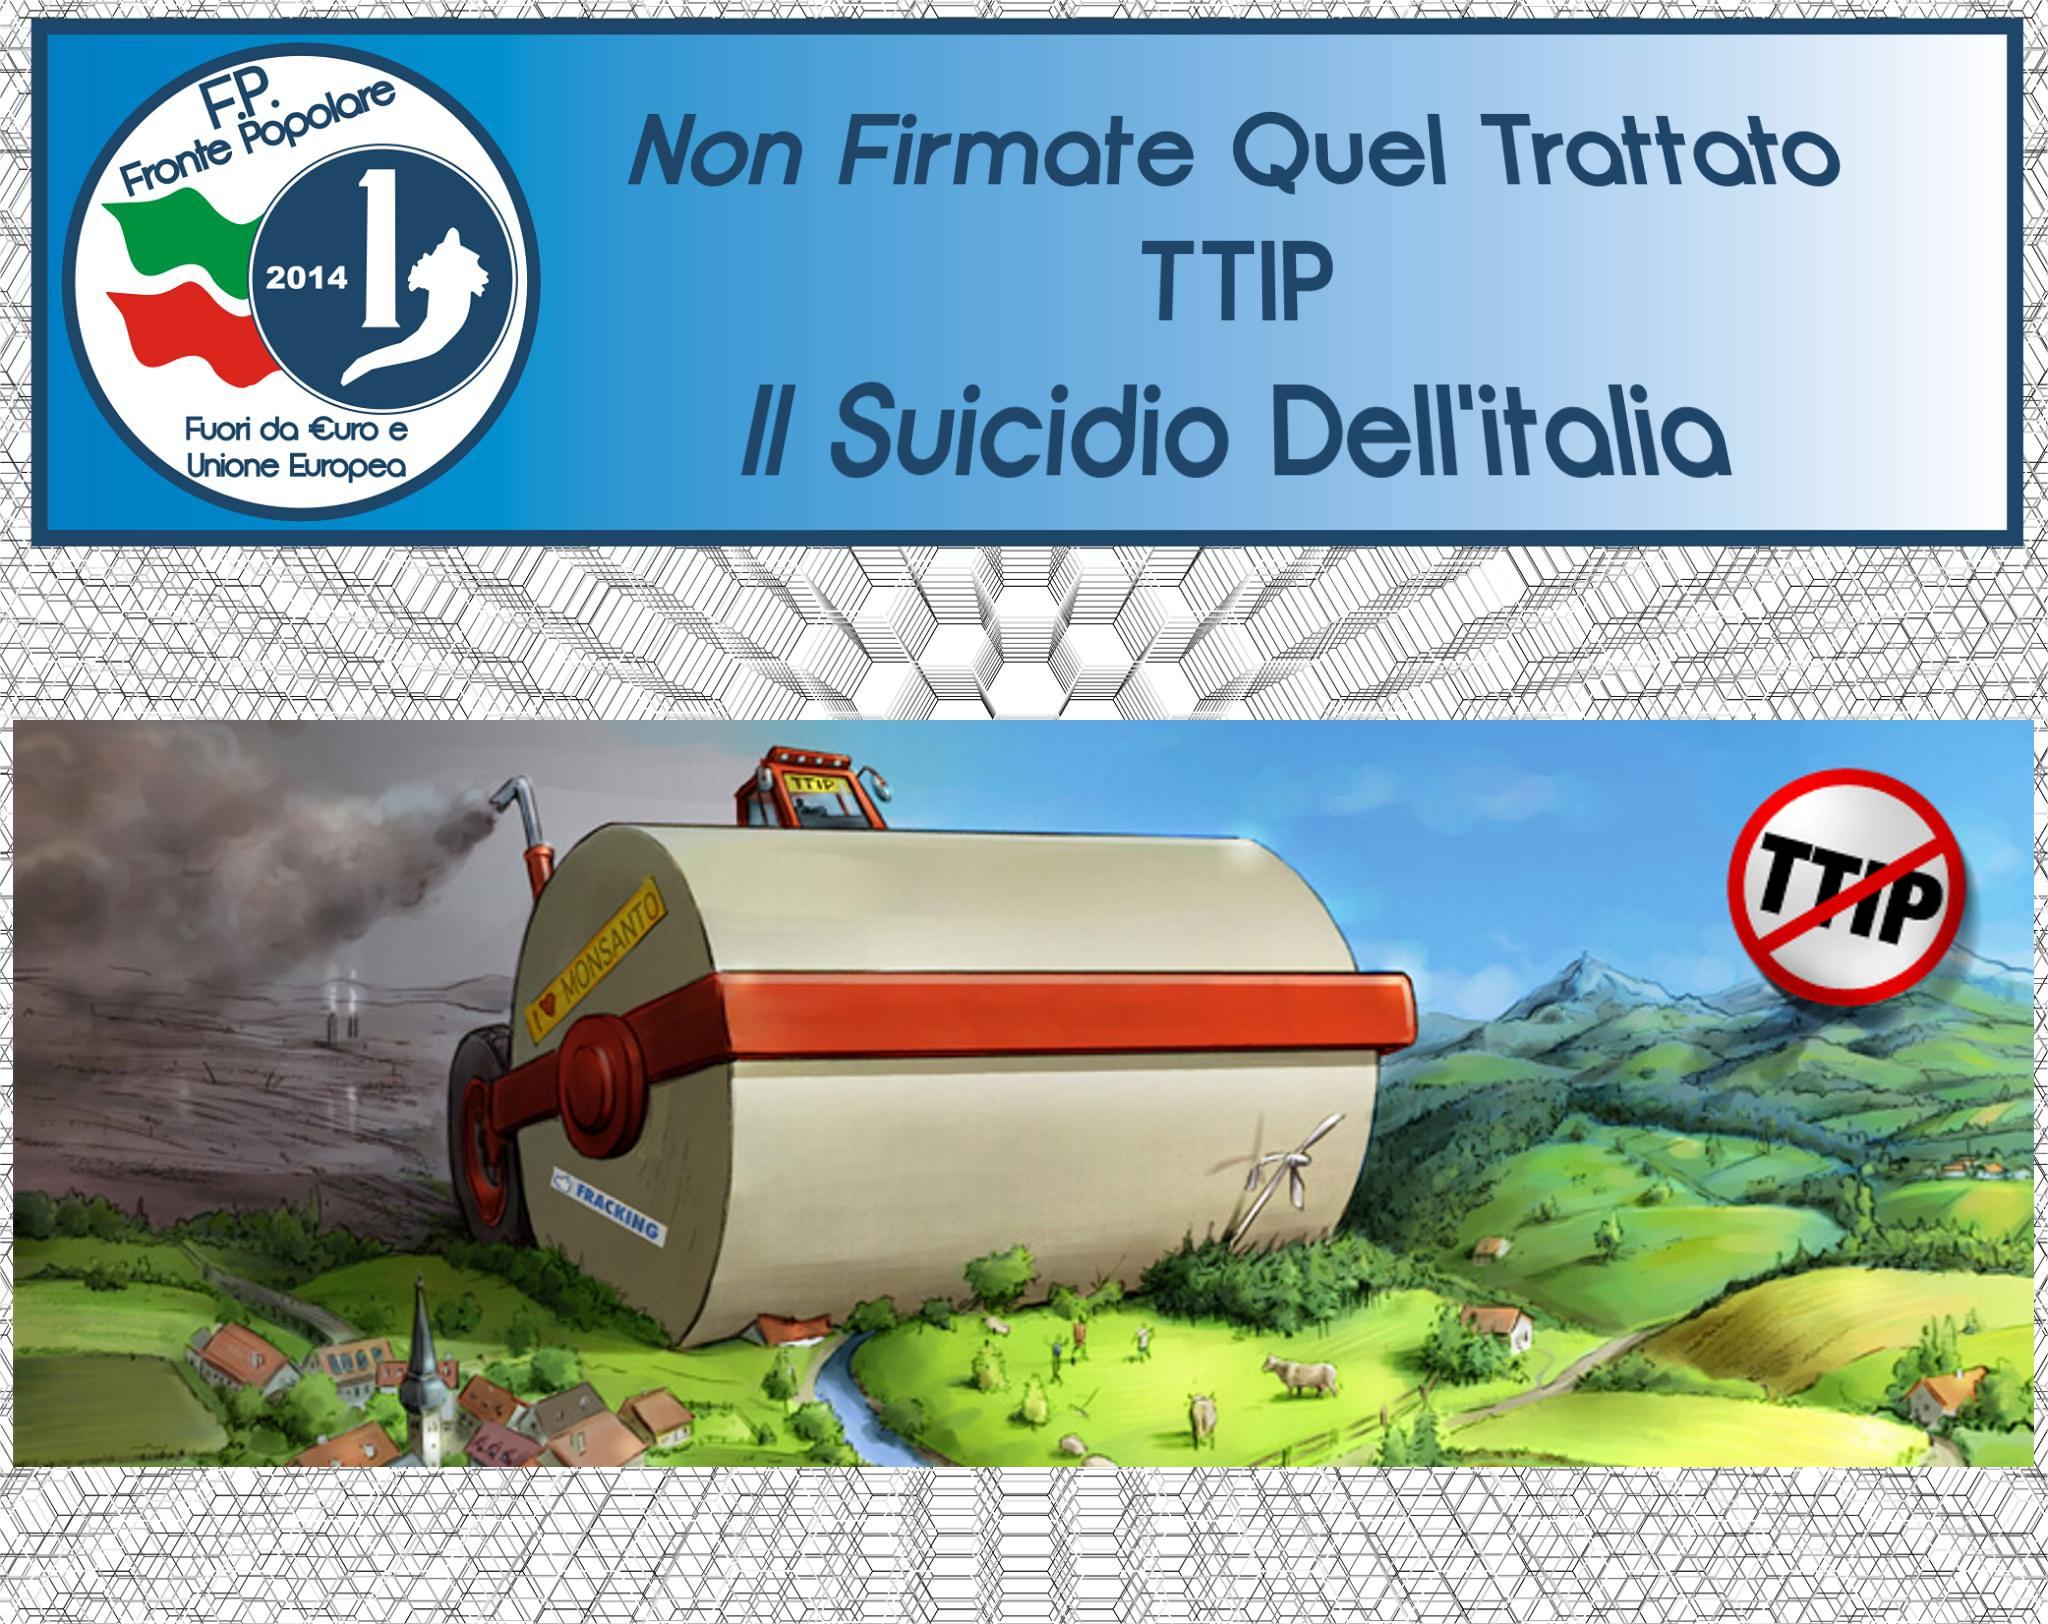 ttip il suicidio dell'italia_fronte popolare